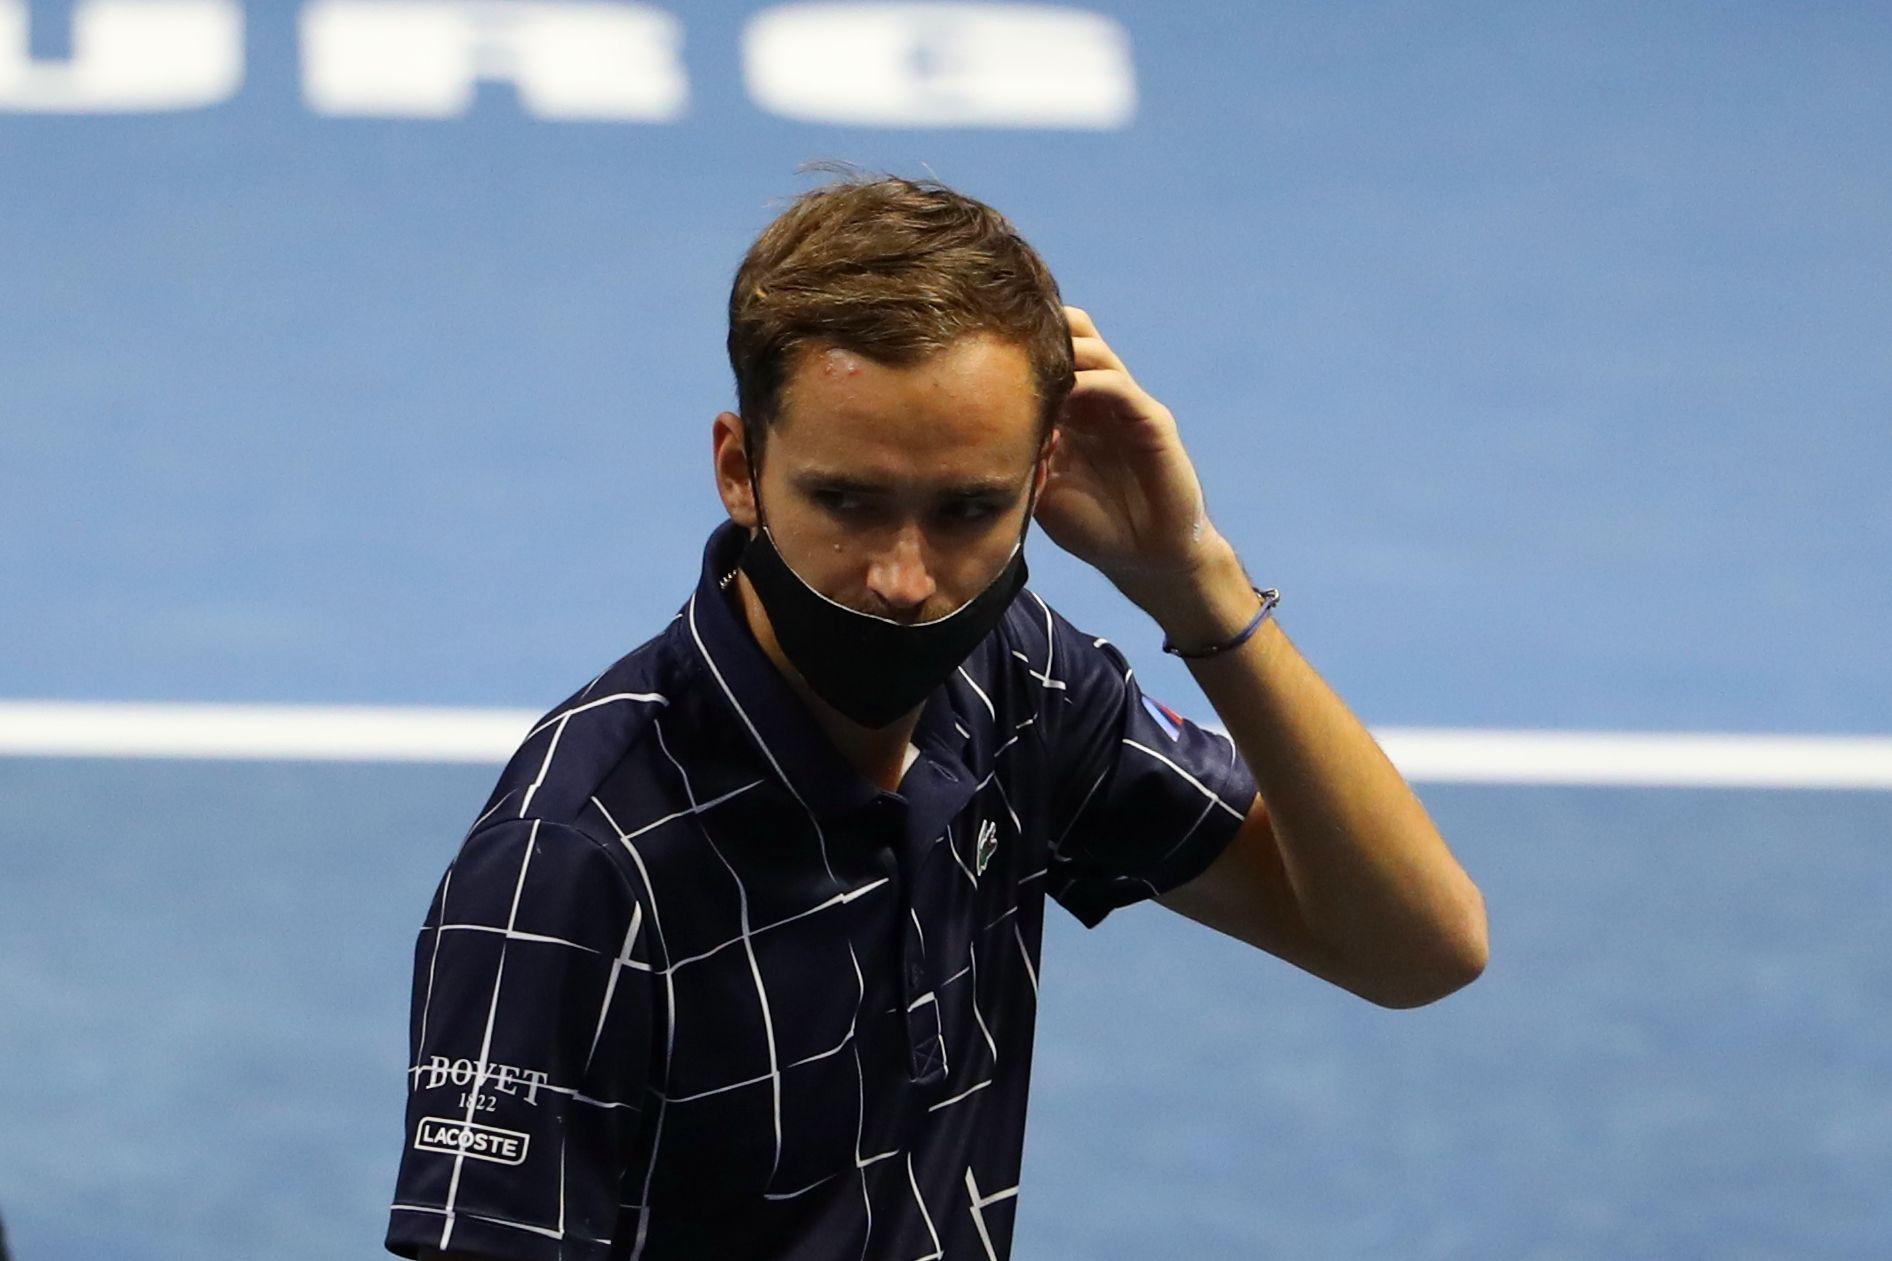 Медведев обыграл Синнера и вышел в 1/2 финала турнира в Марселе